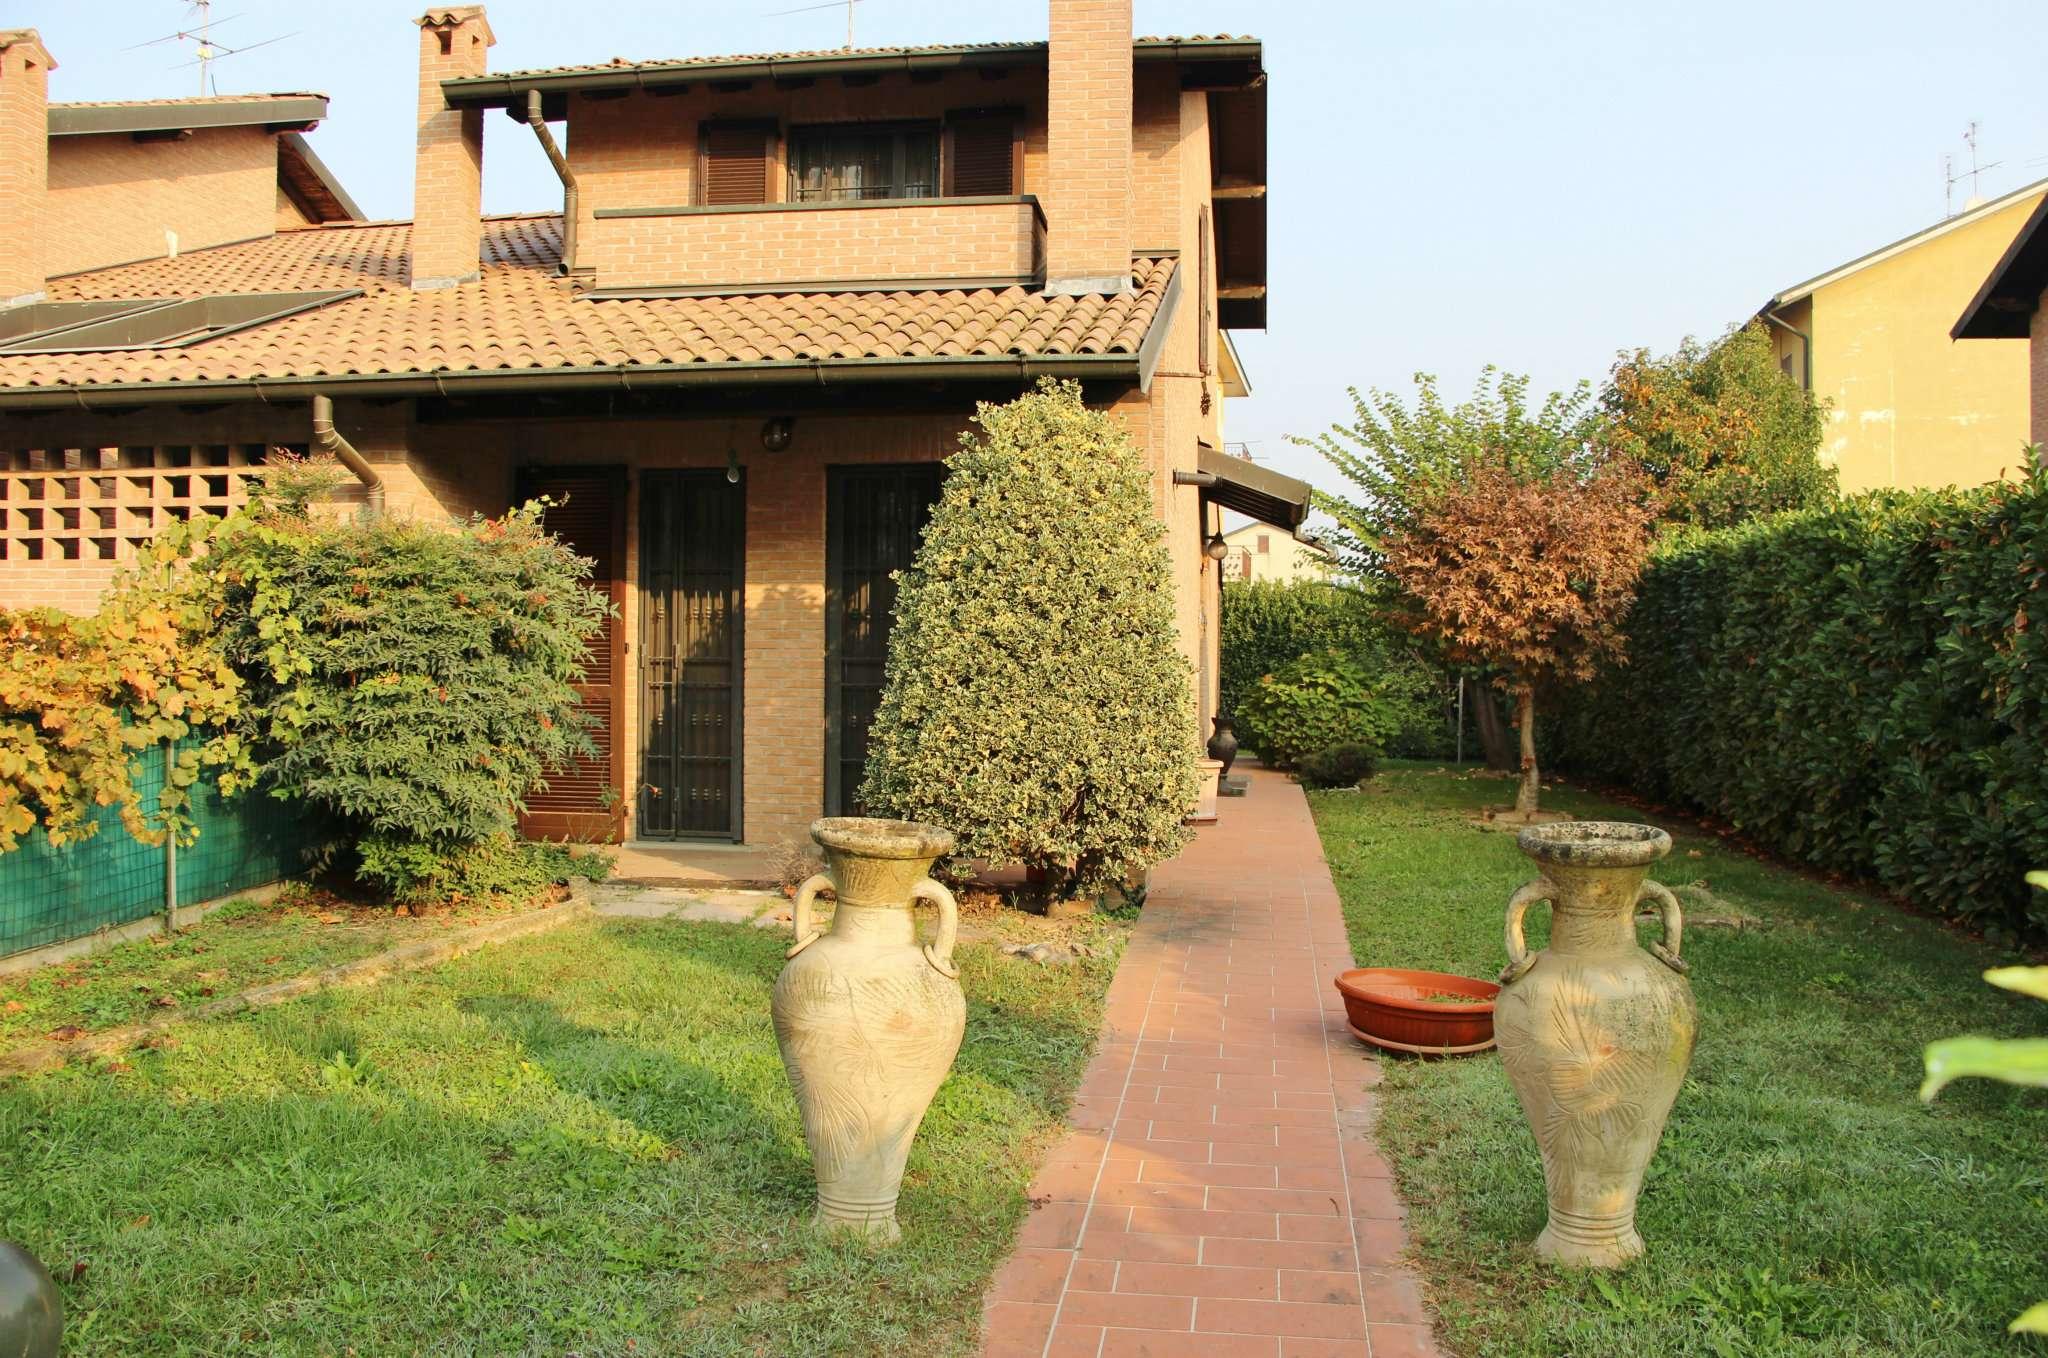 Villa Bifamiliare in vendita a San Zenone al Lambro, 4 locali, prezzo € 320.000 | CambioCasa.it